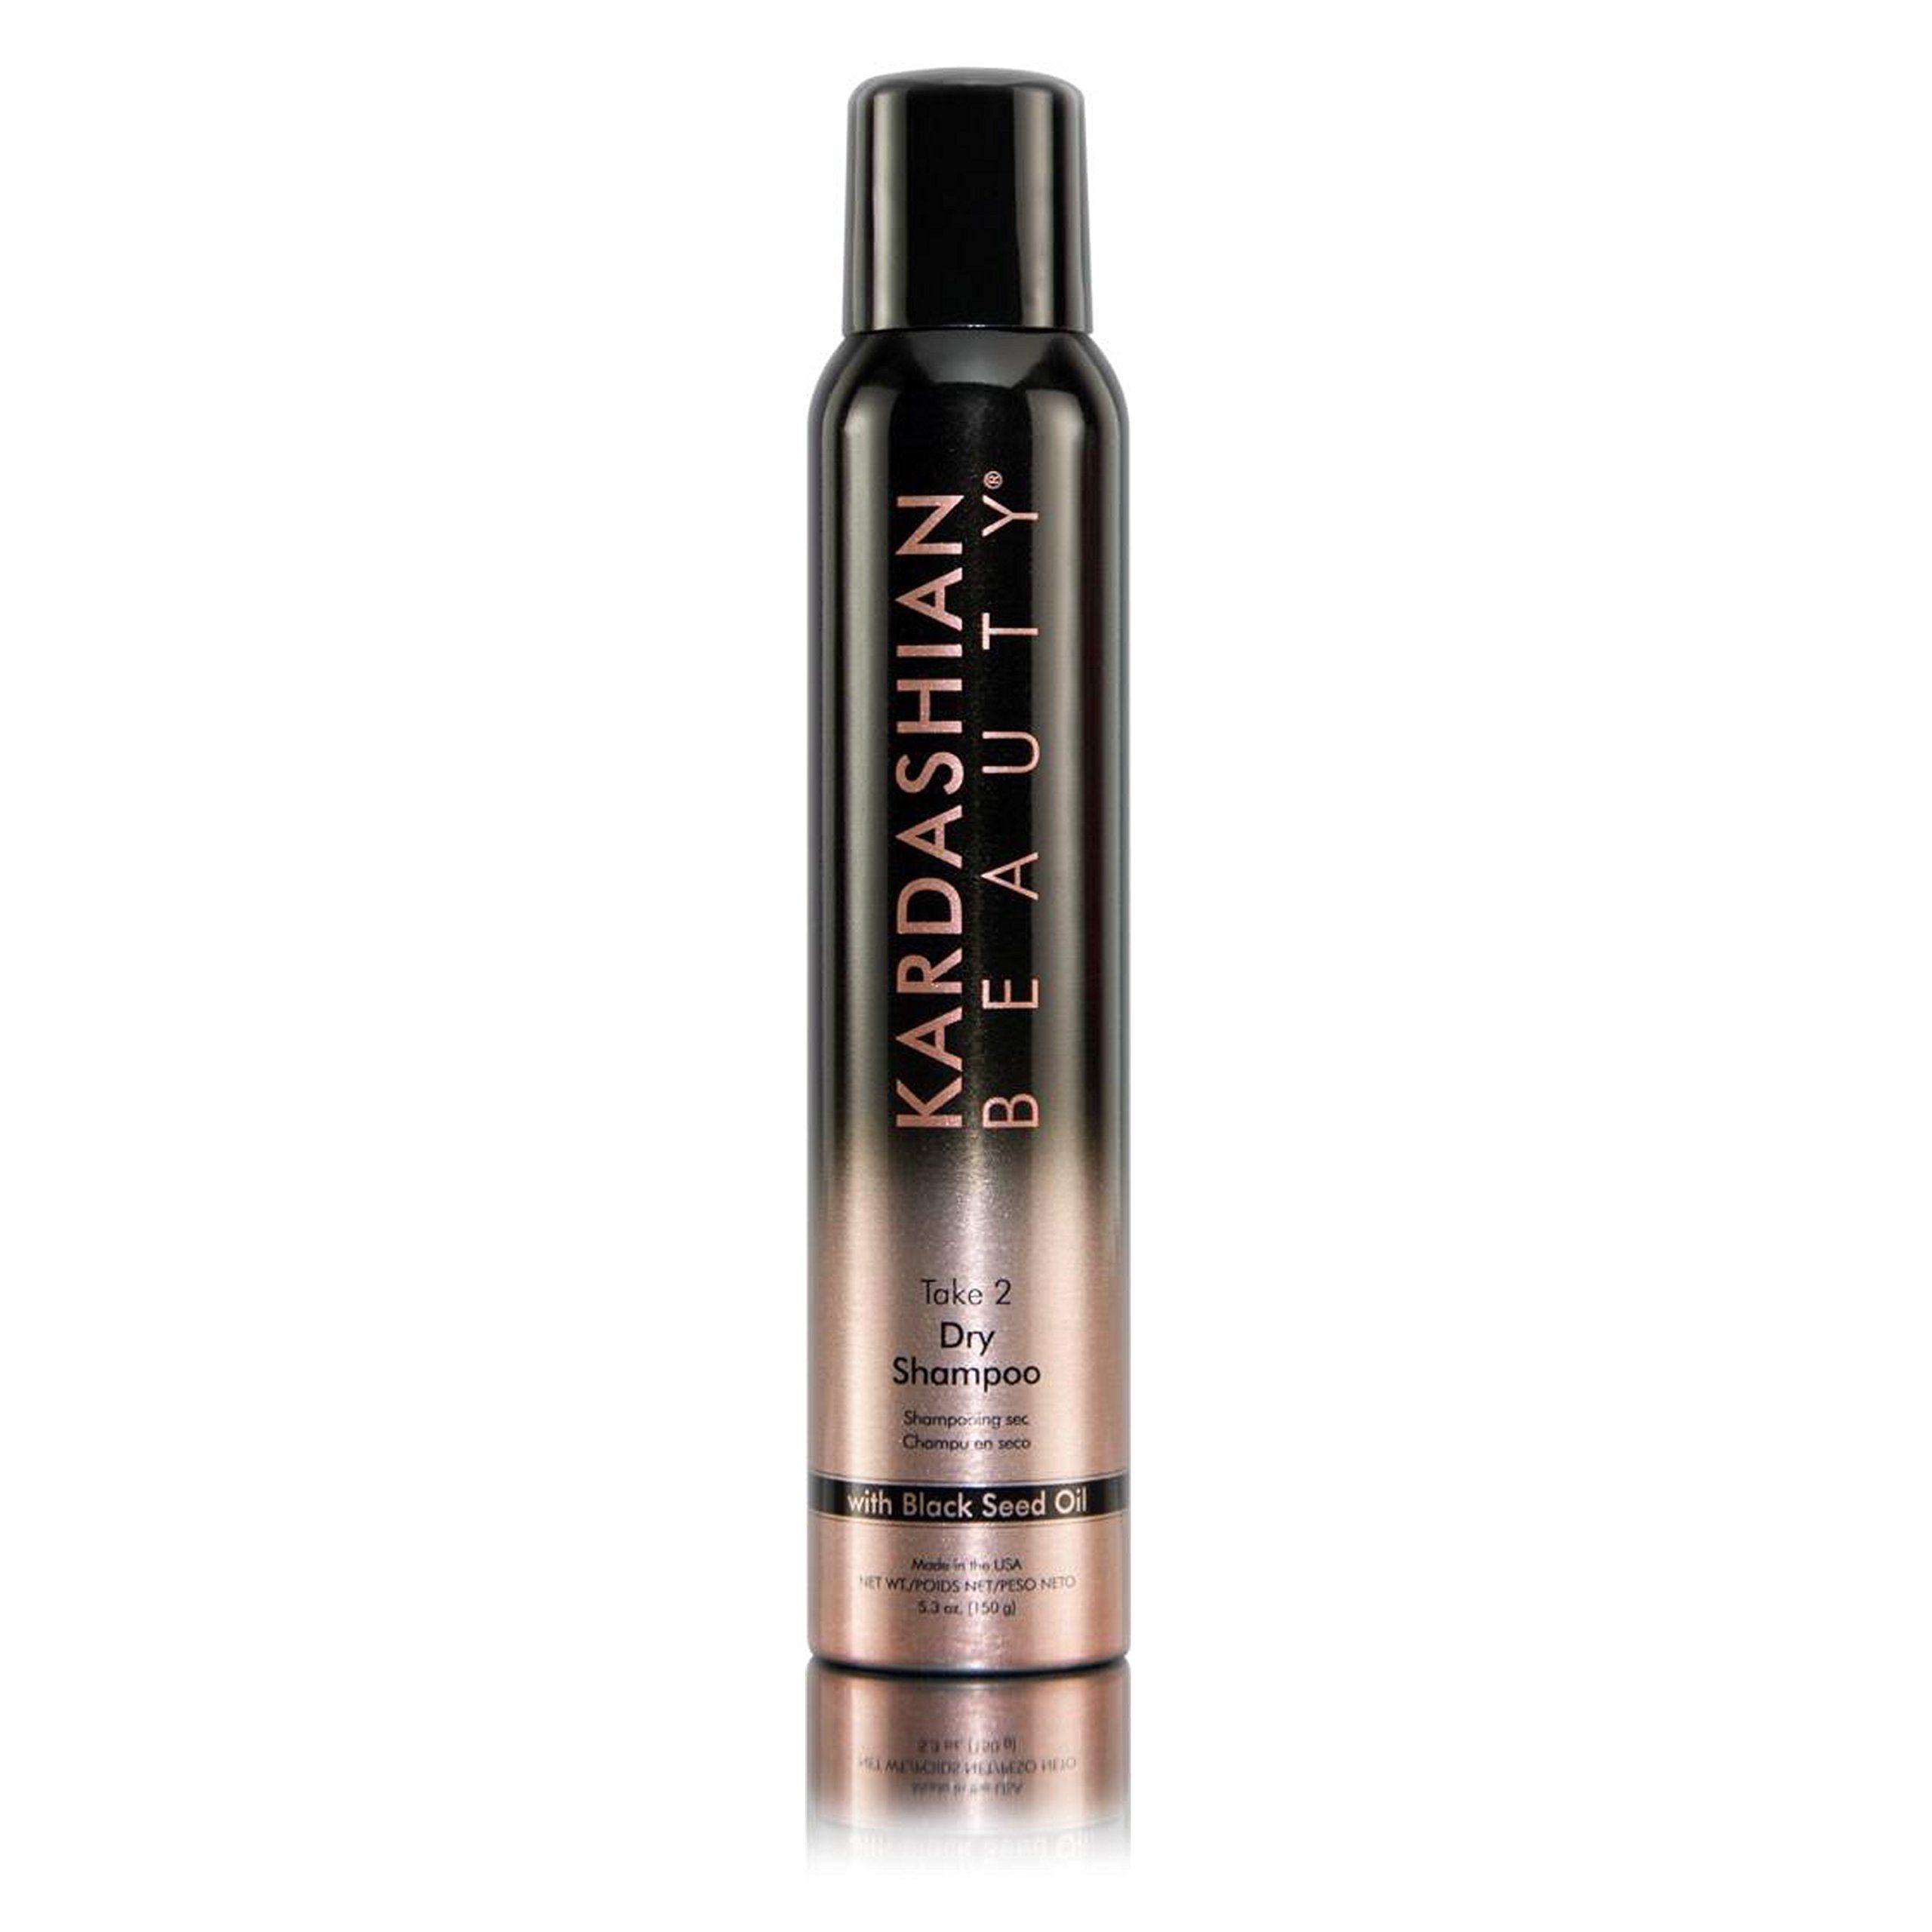 Kardashian Beauty Take 2 Dry Shampoo, 5.3 Ounce